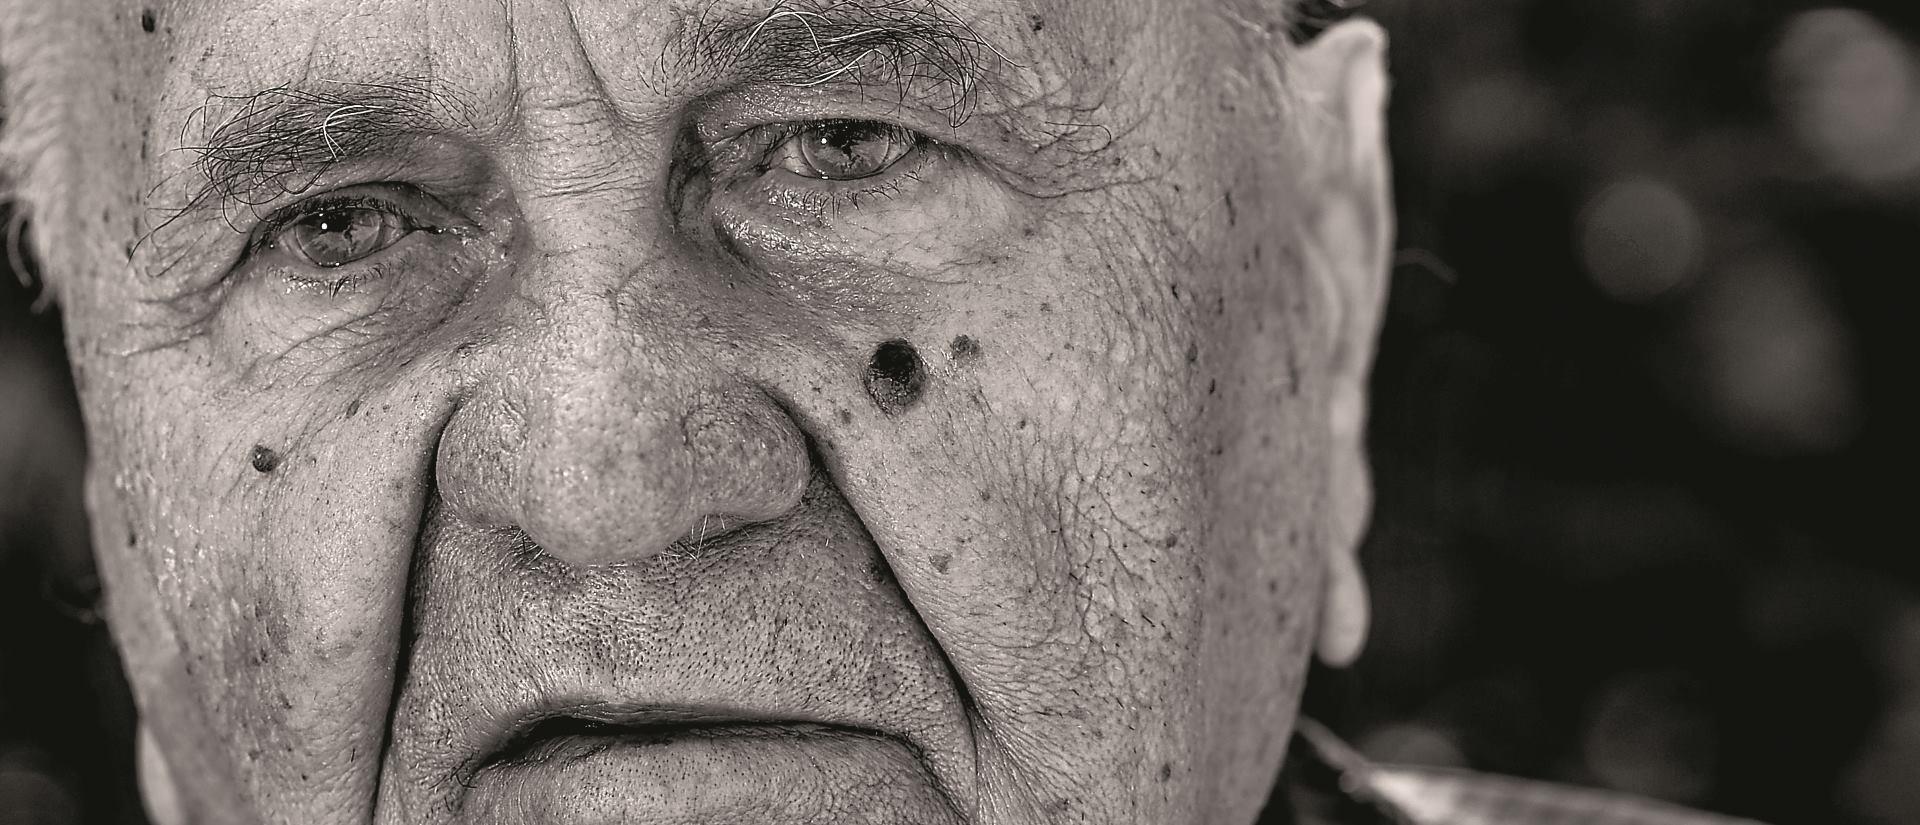 JOSIP MANOLIĆ O OPTUŽBAMA DA JE OTROVAO KARDINALA: Stepinac je u zatvoru imao povlašteni tretman mimo svih pravila